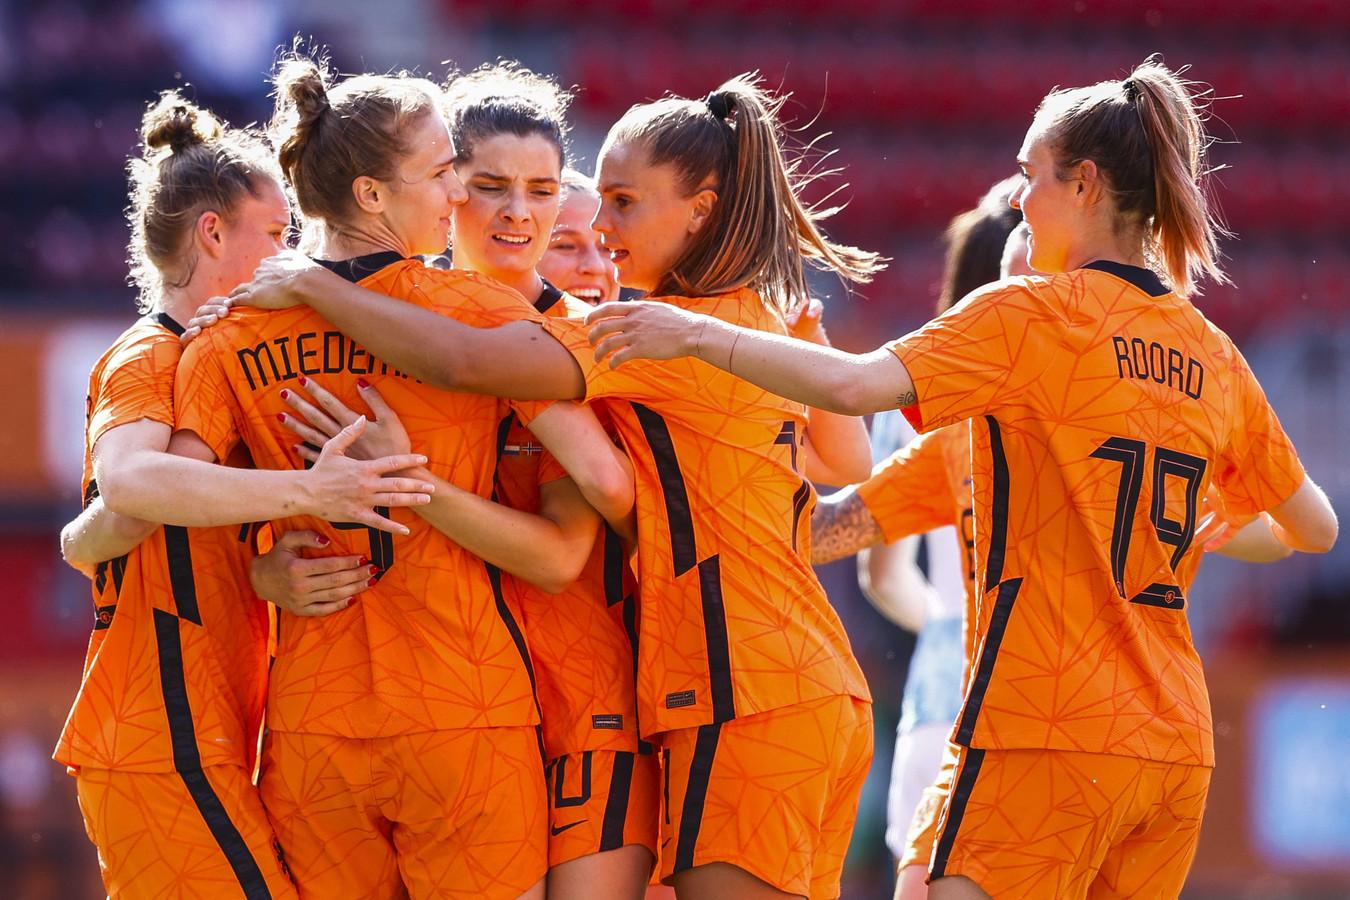 De Oranjeleeuwinnen spelen op zaterdag 3 juli een oefenduel in Zwolle.